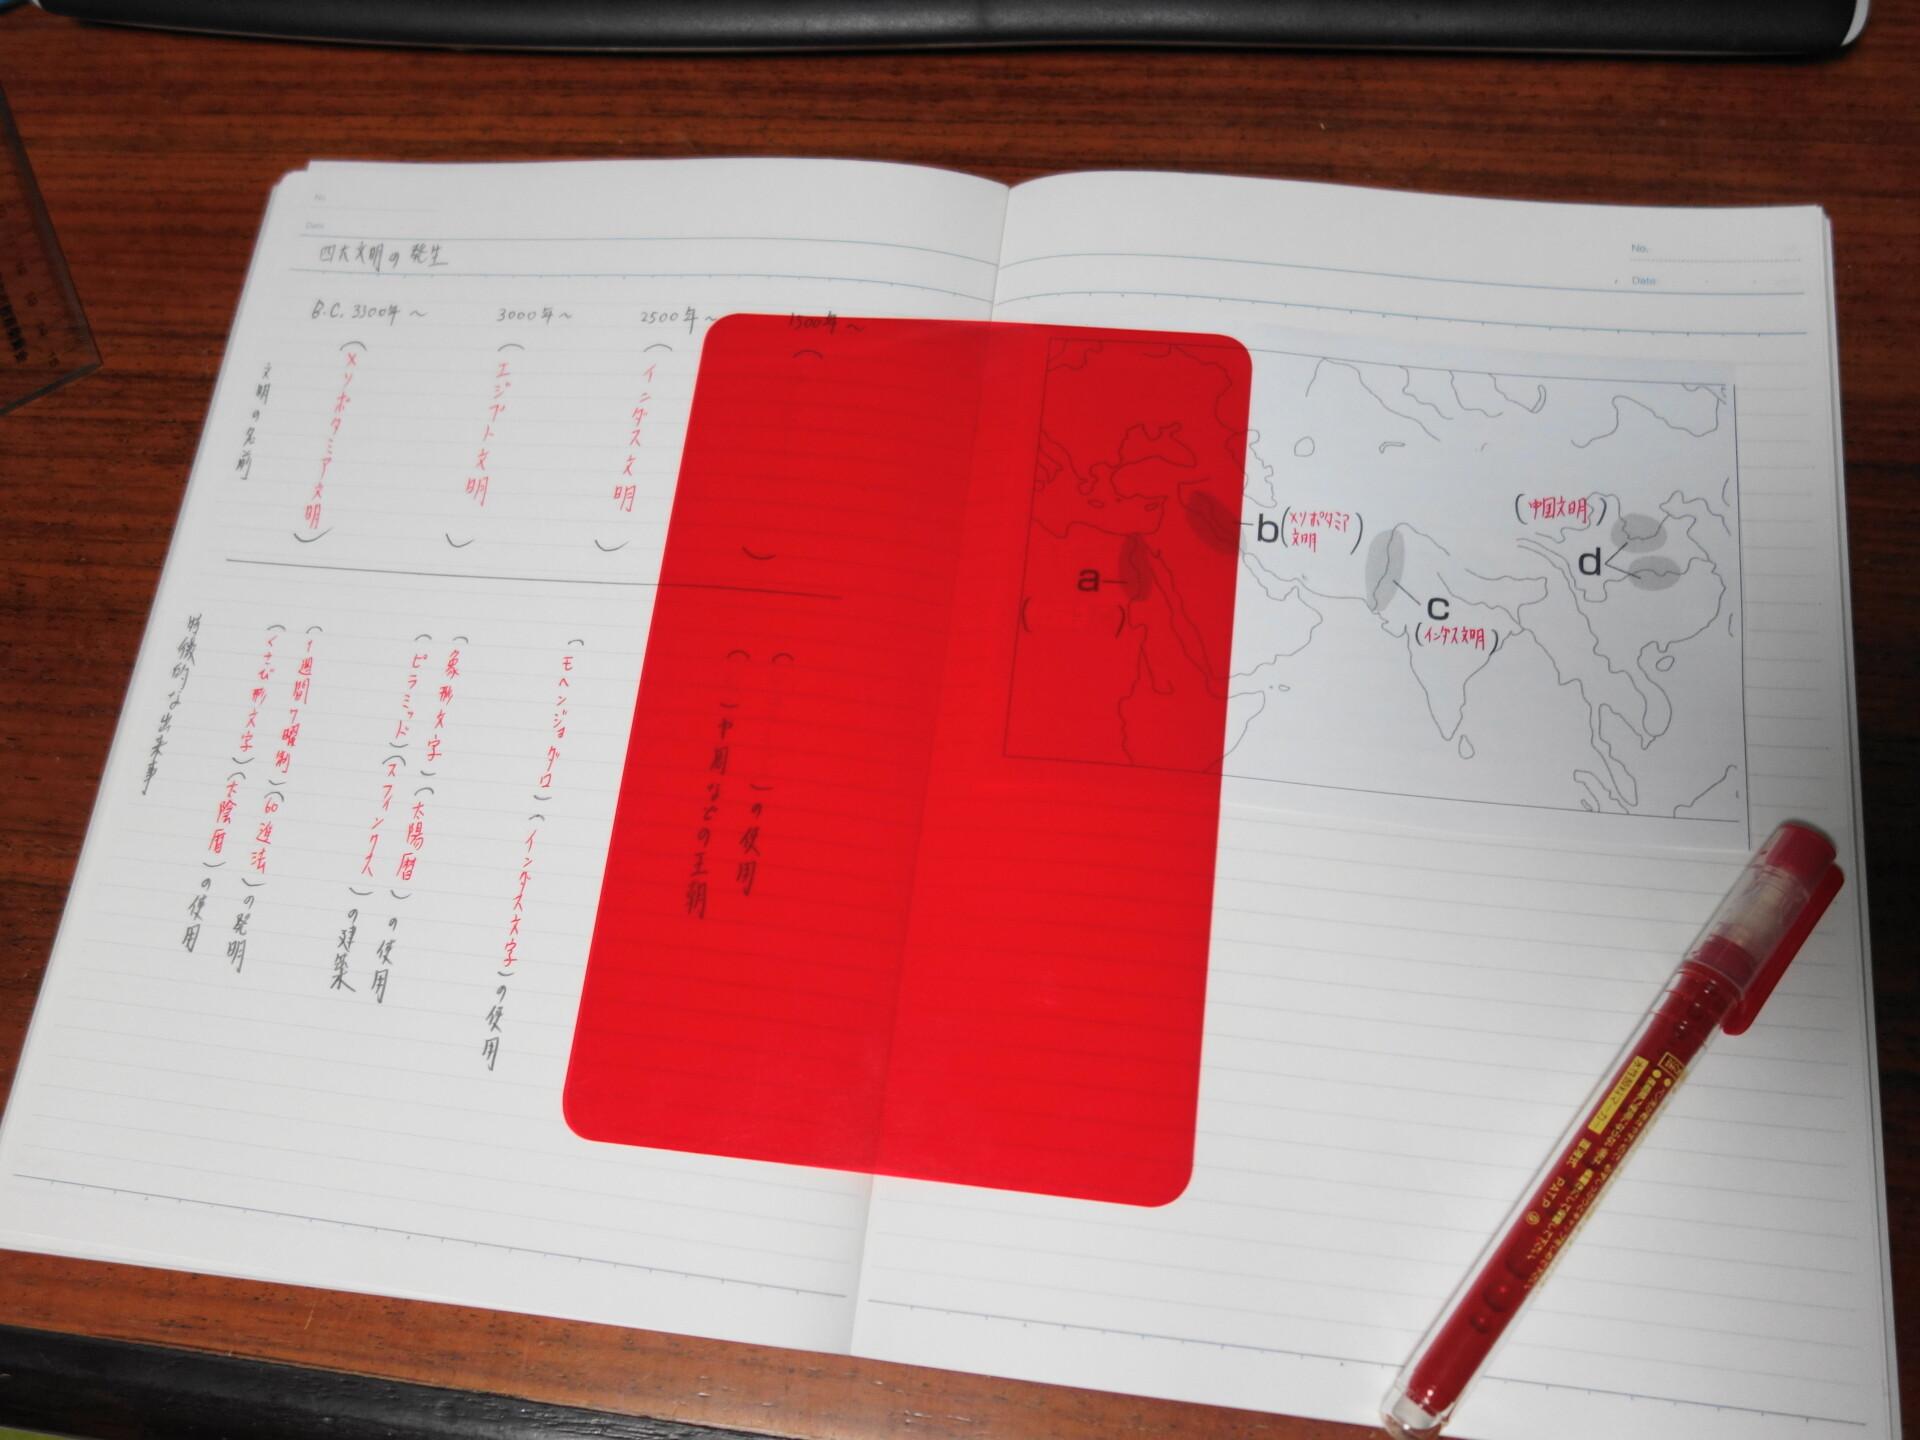 文明の成り立ちについて年表と白地図にまとめたノート